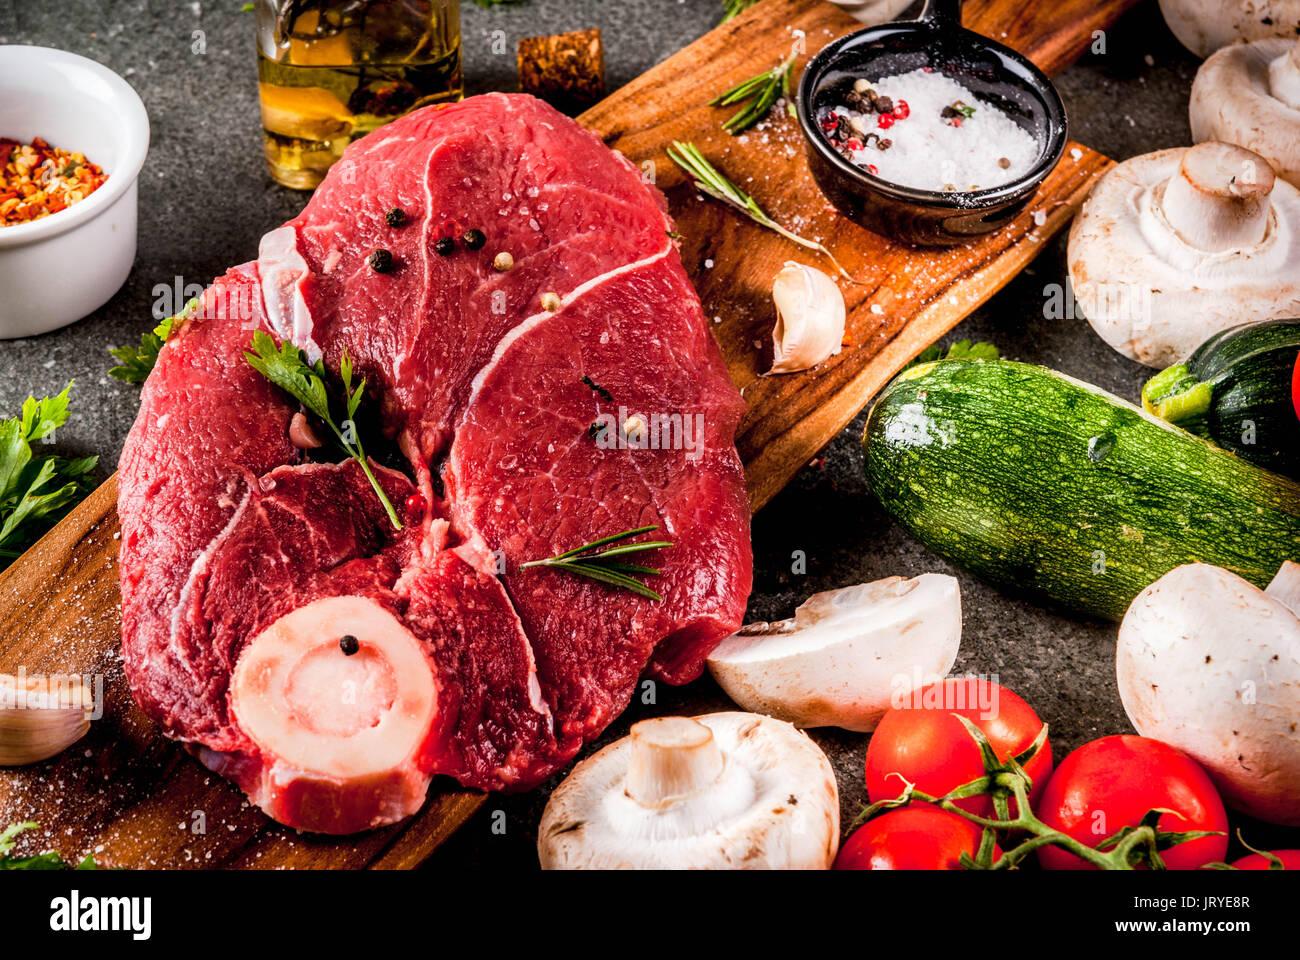 Rohes Fleisch mit Zutaten für das Abendessen. Rinderfilet, Filet, auf ein Schneidbrett, mit Salz, Pfeffer, Petersilie, Rosmarin, Öl, Knoblauch, Tomaten, Pilze, Stockbild